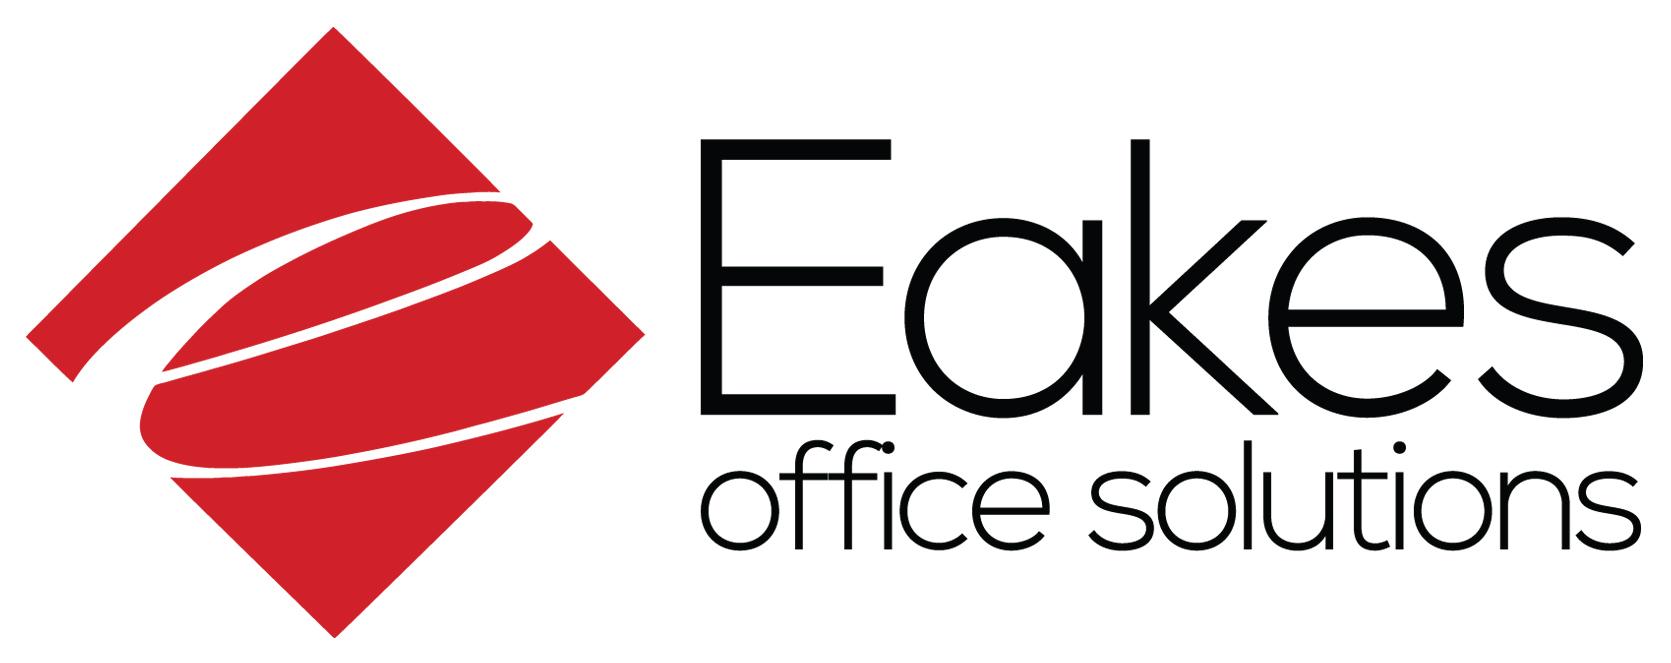 Eakes Office Supplies Copiers Printers Furniture Nebraska